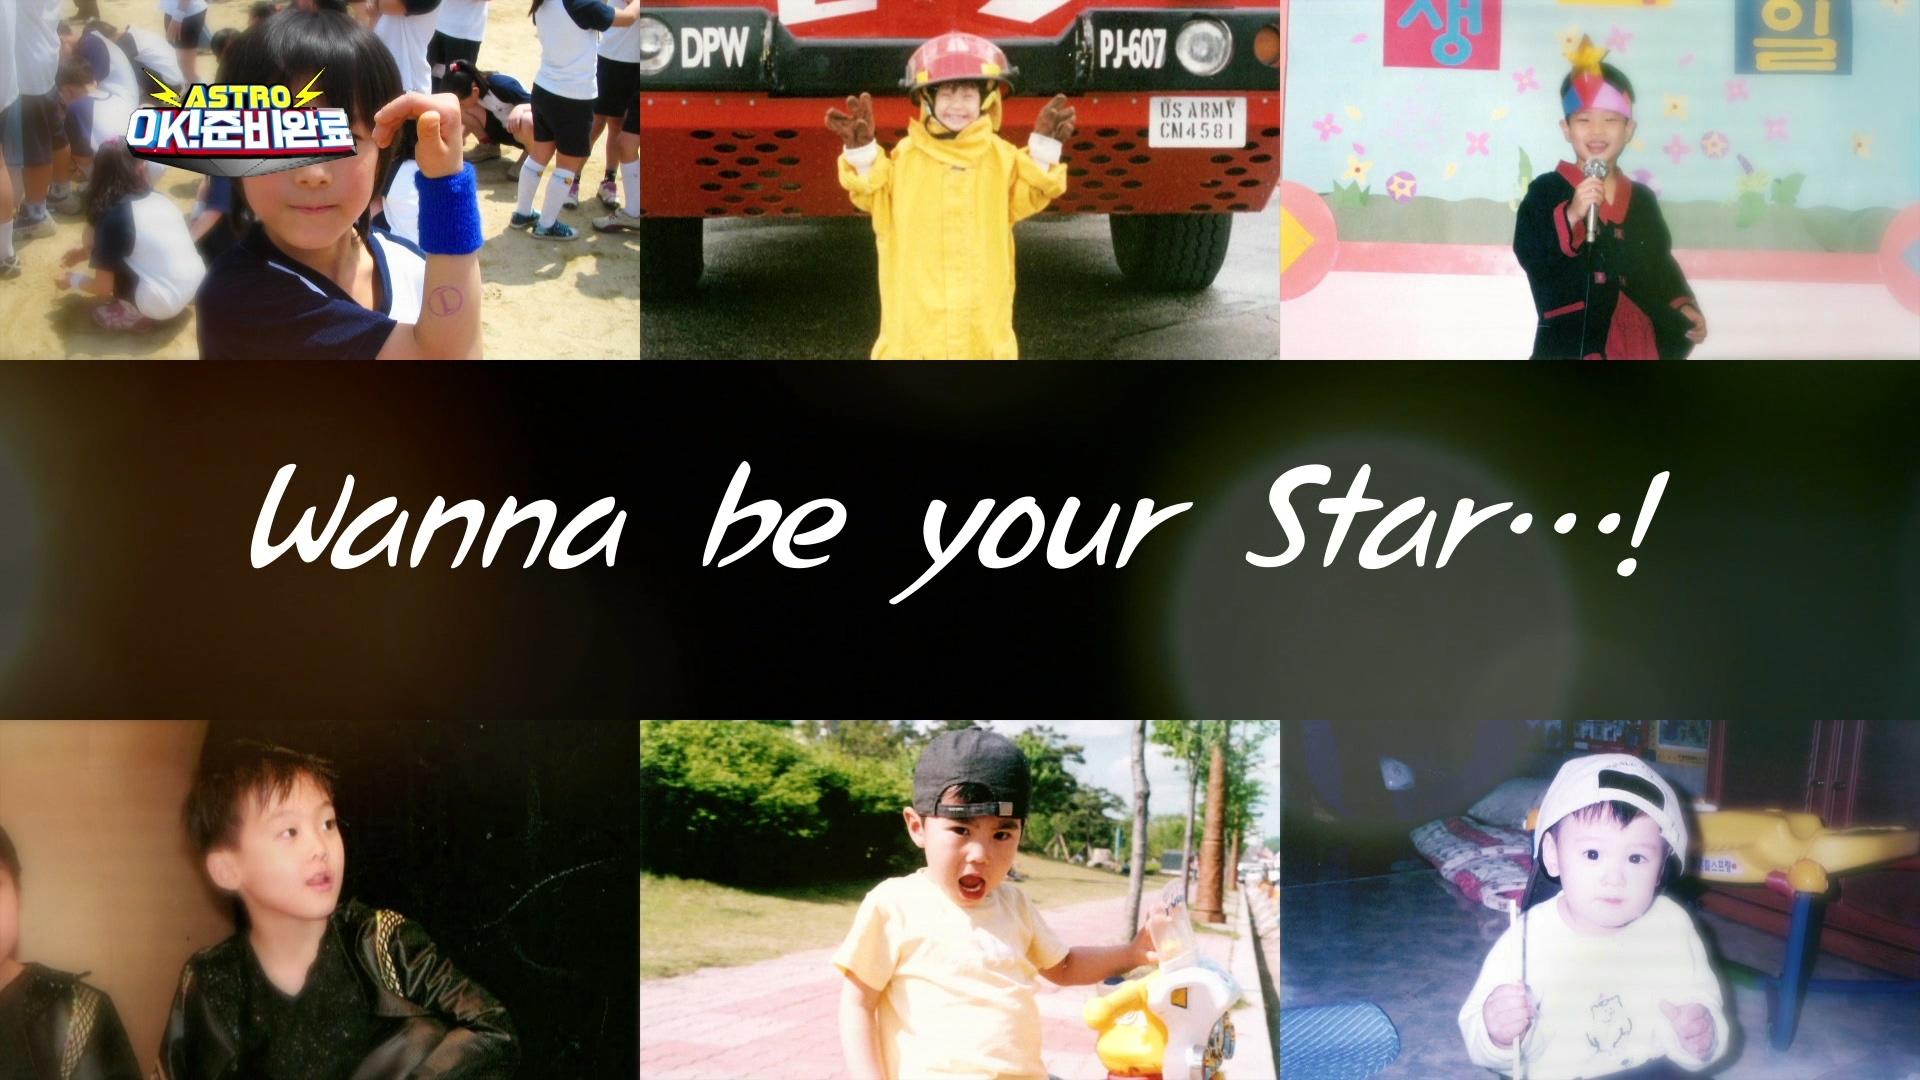 <아스트로 OK! 준비완료> 3화 Wanna be your star···!